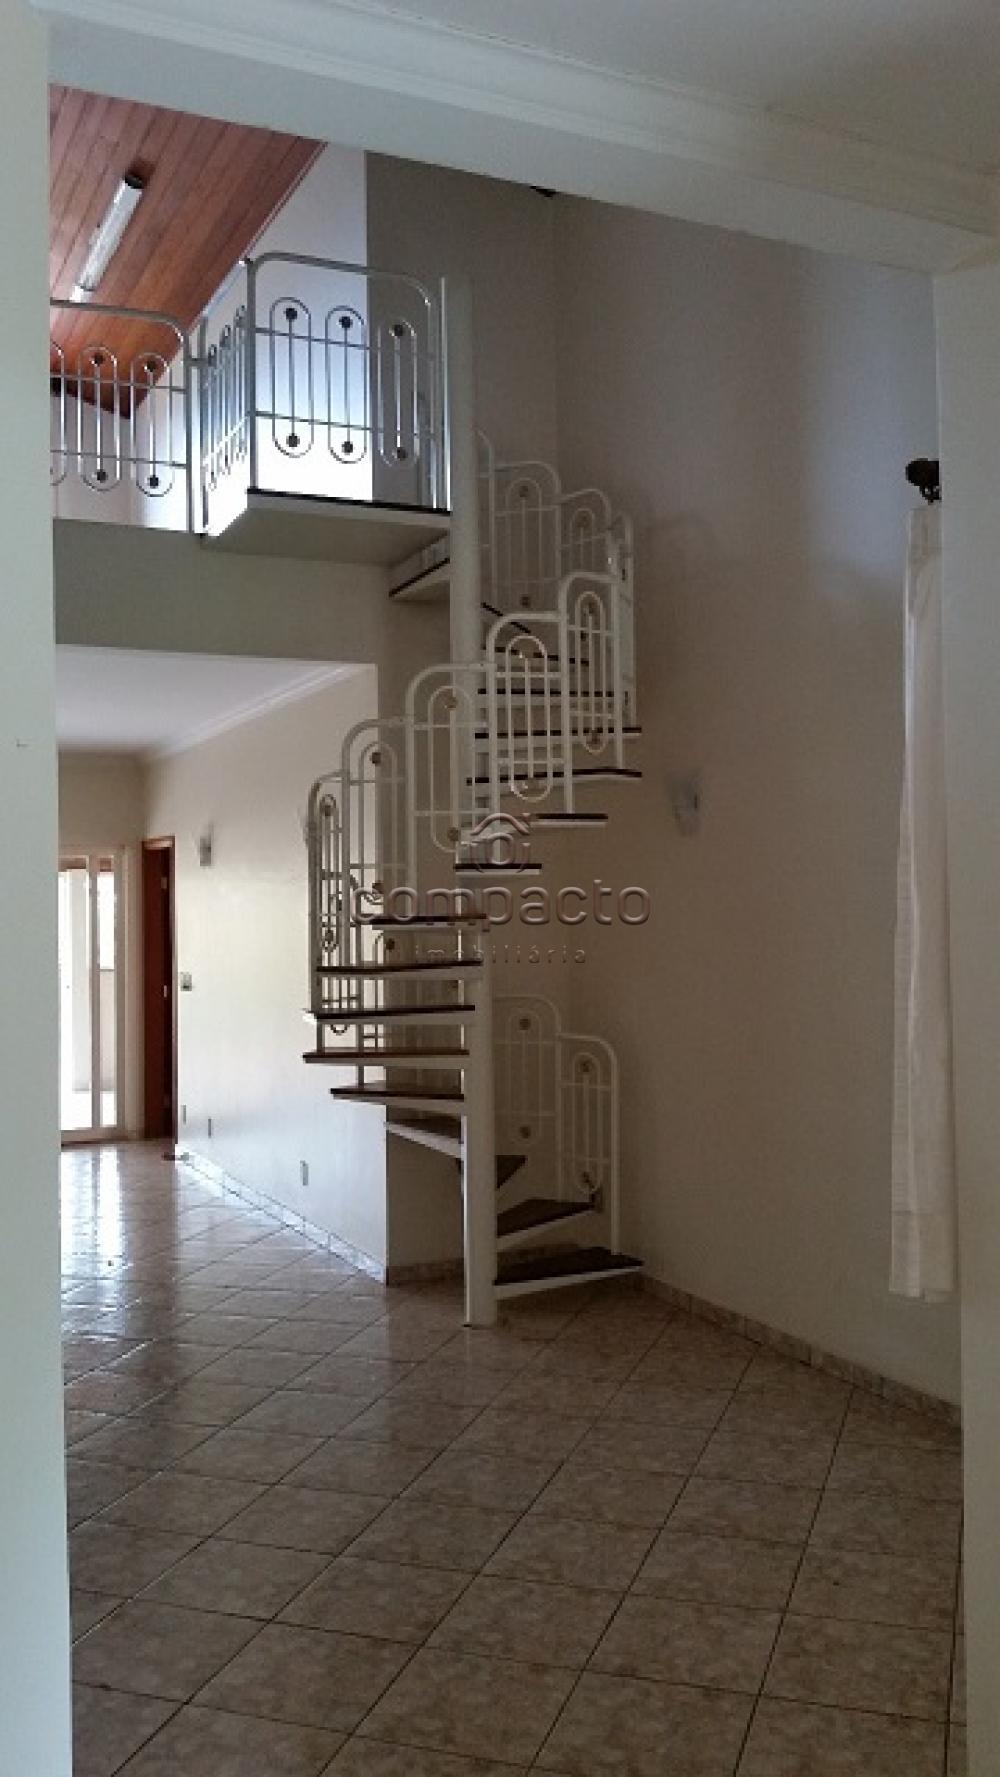 Comprar Casa / Condomínio em São José do Rio Preto apenas R$ 700.000,00 - Foto 2